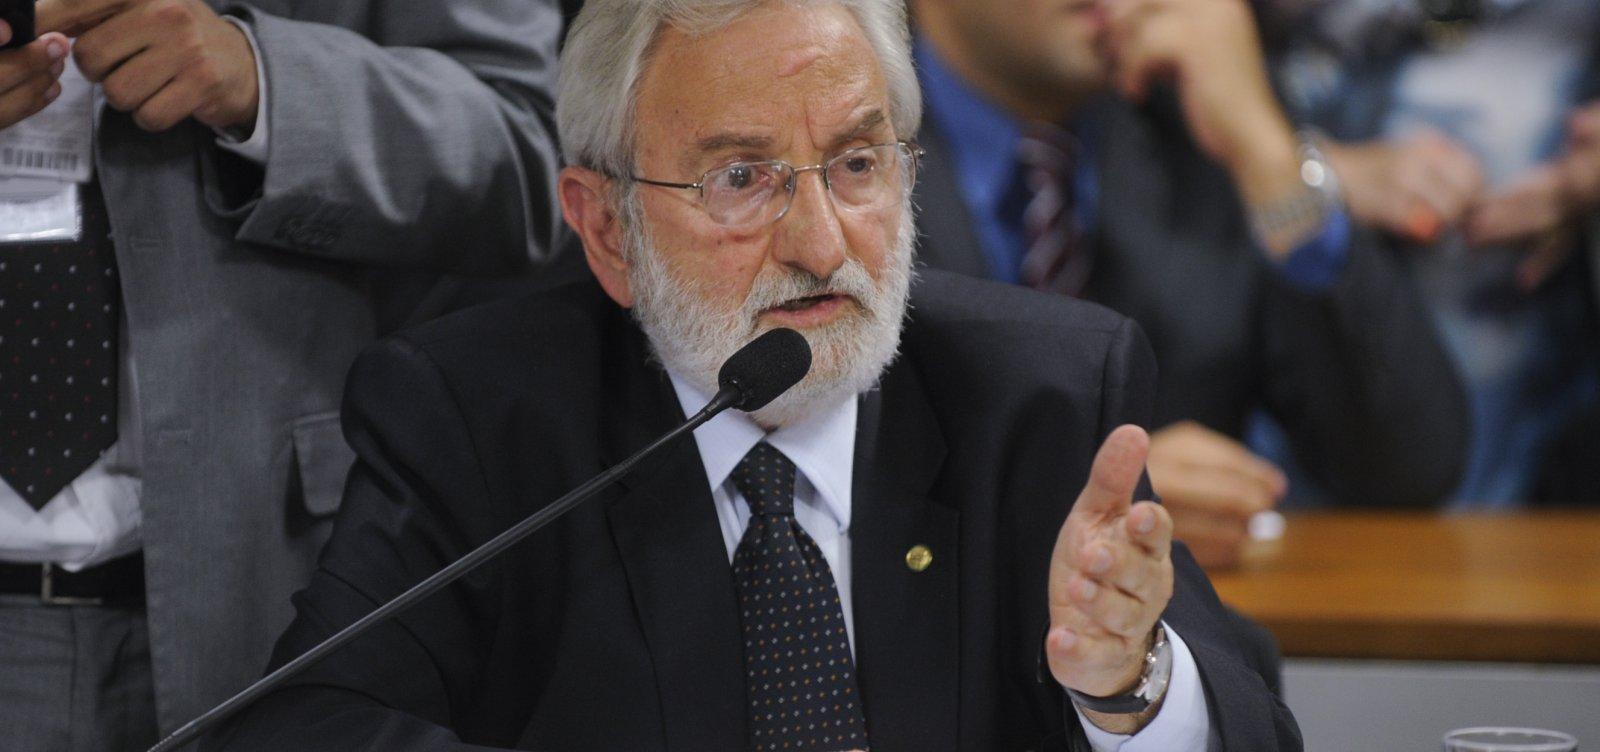 Ivan Valente diz que se Bolsonaro for confirmado com coronavírus 'vai ter simbologia muito forte'